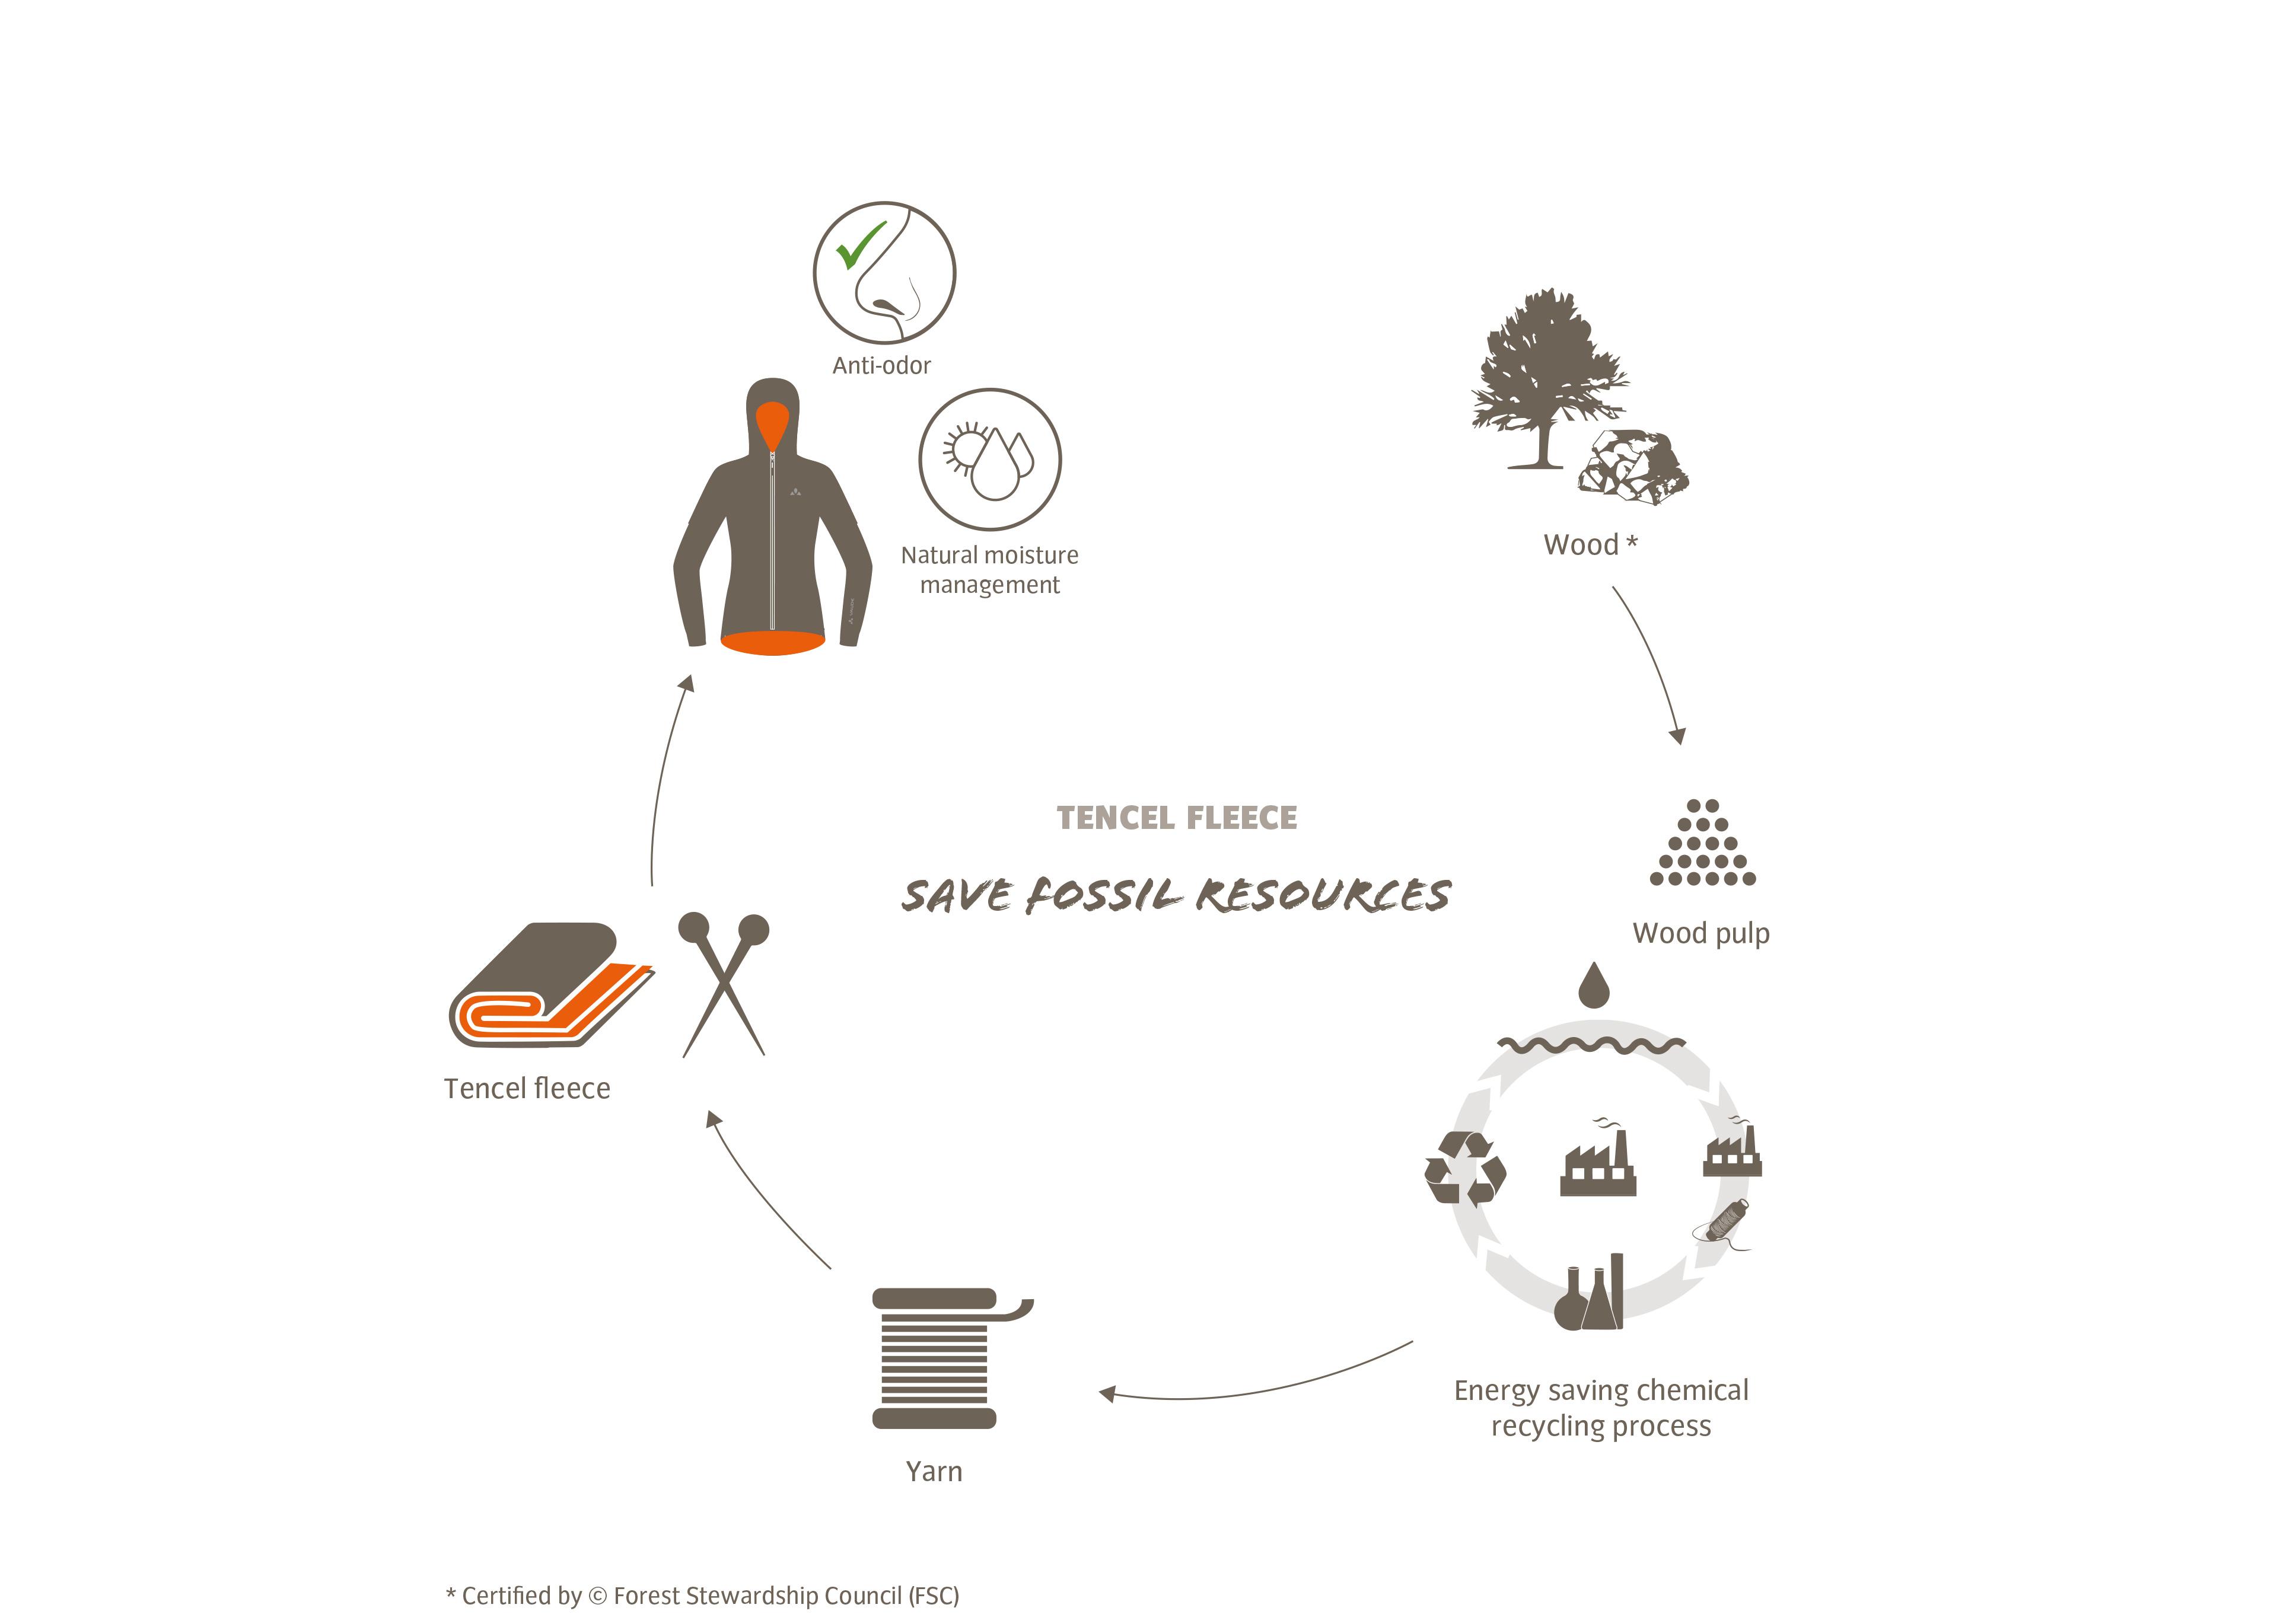 Fleece aus Holzabfällen wäre biologisch abbaubar und klimafreundlich. © Tencel